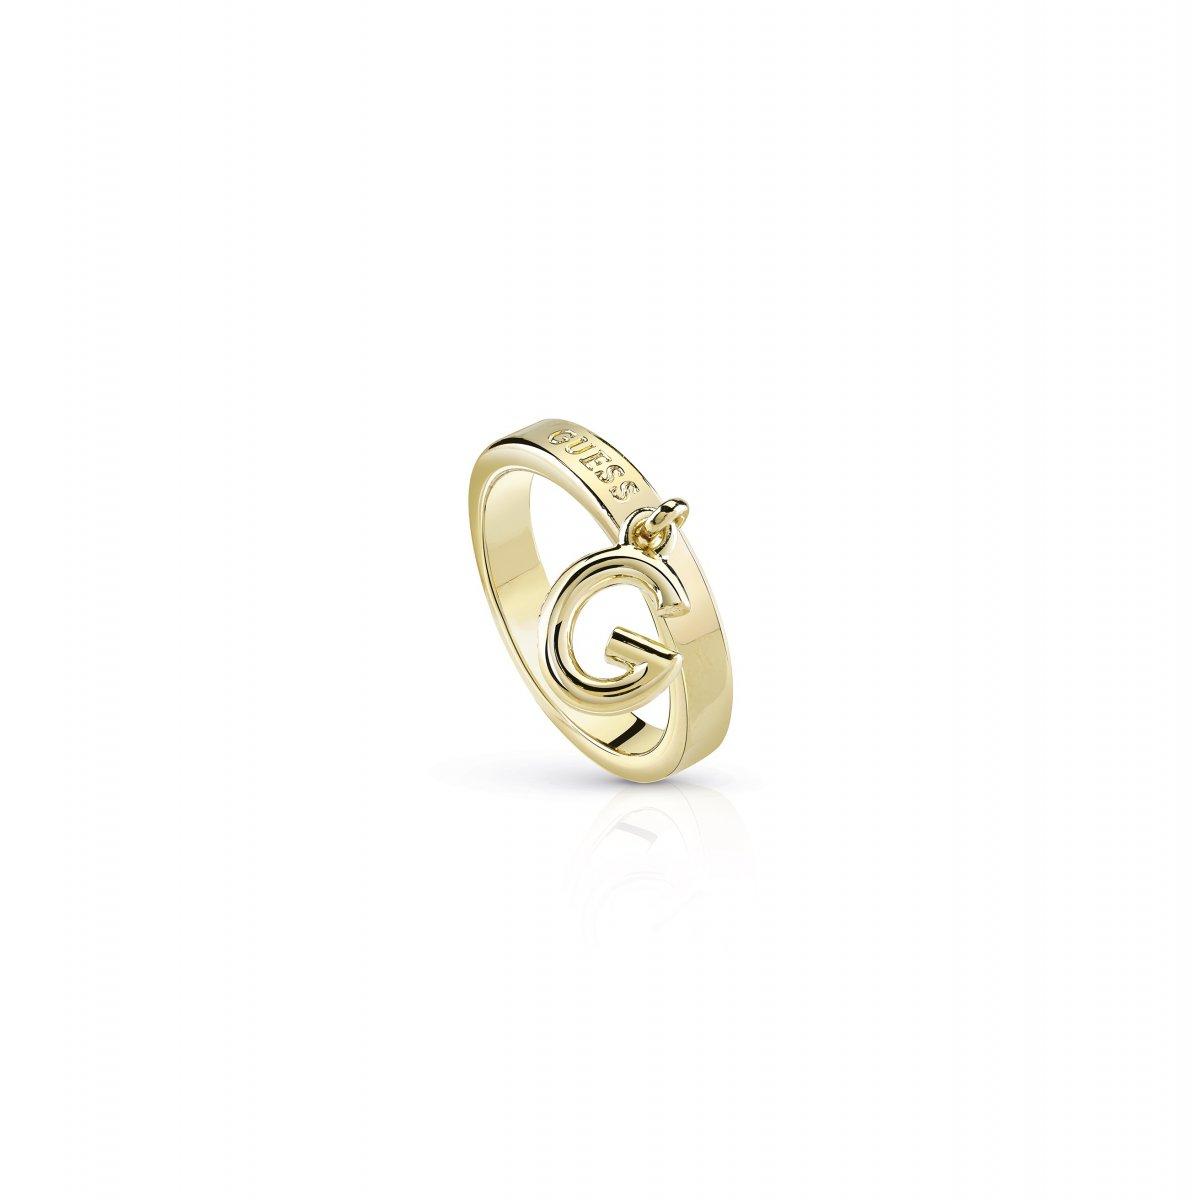 Zlatý prsteň GUESS s písmenom G